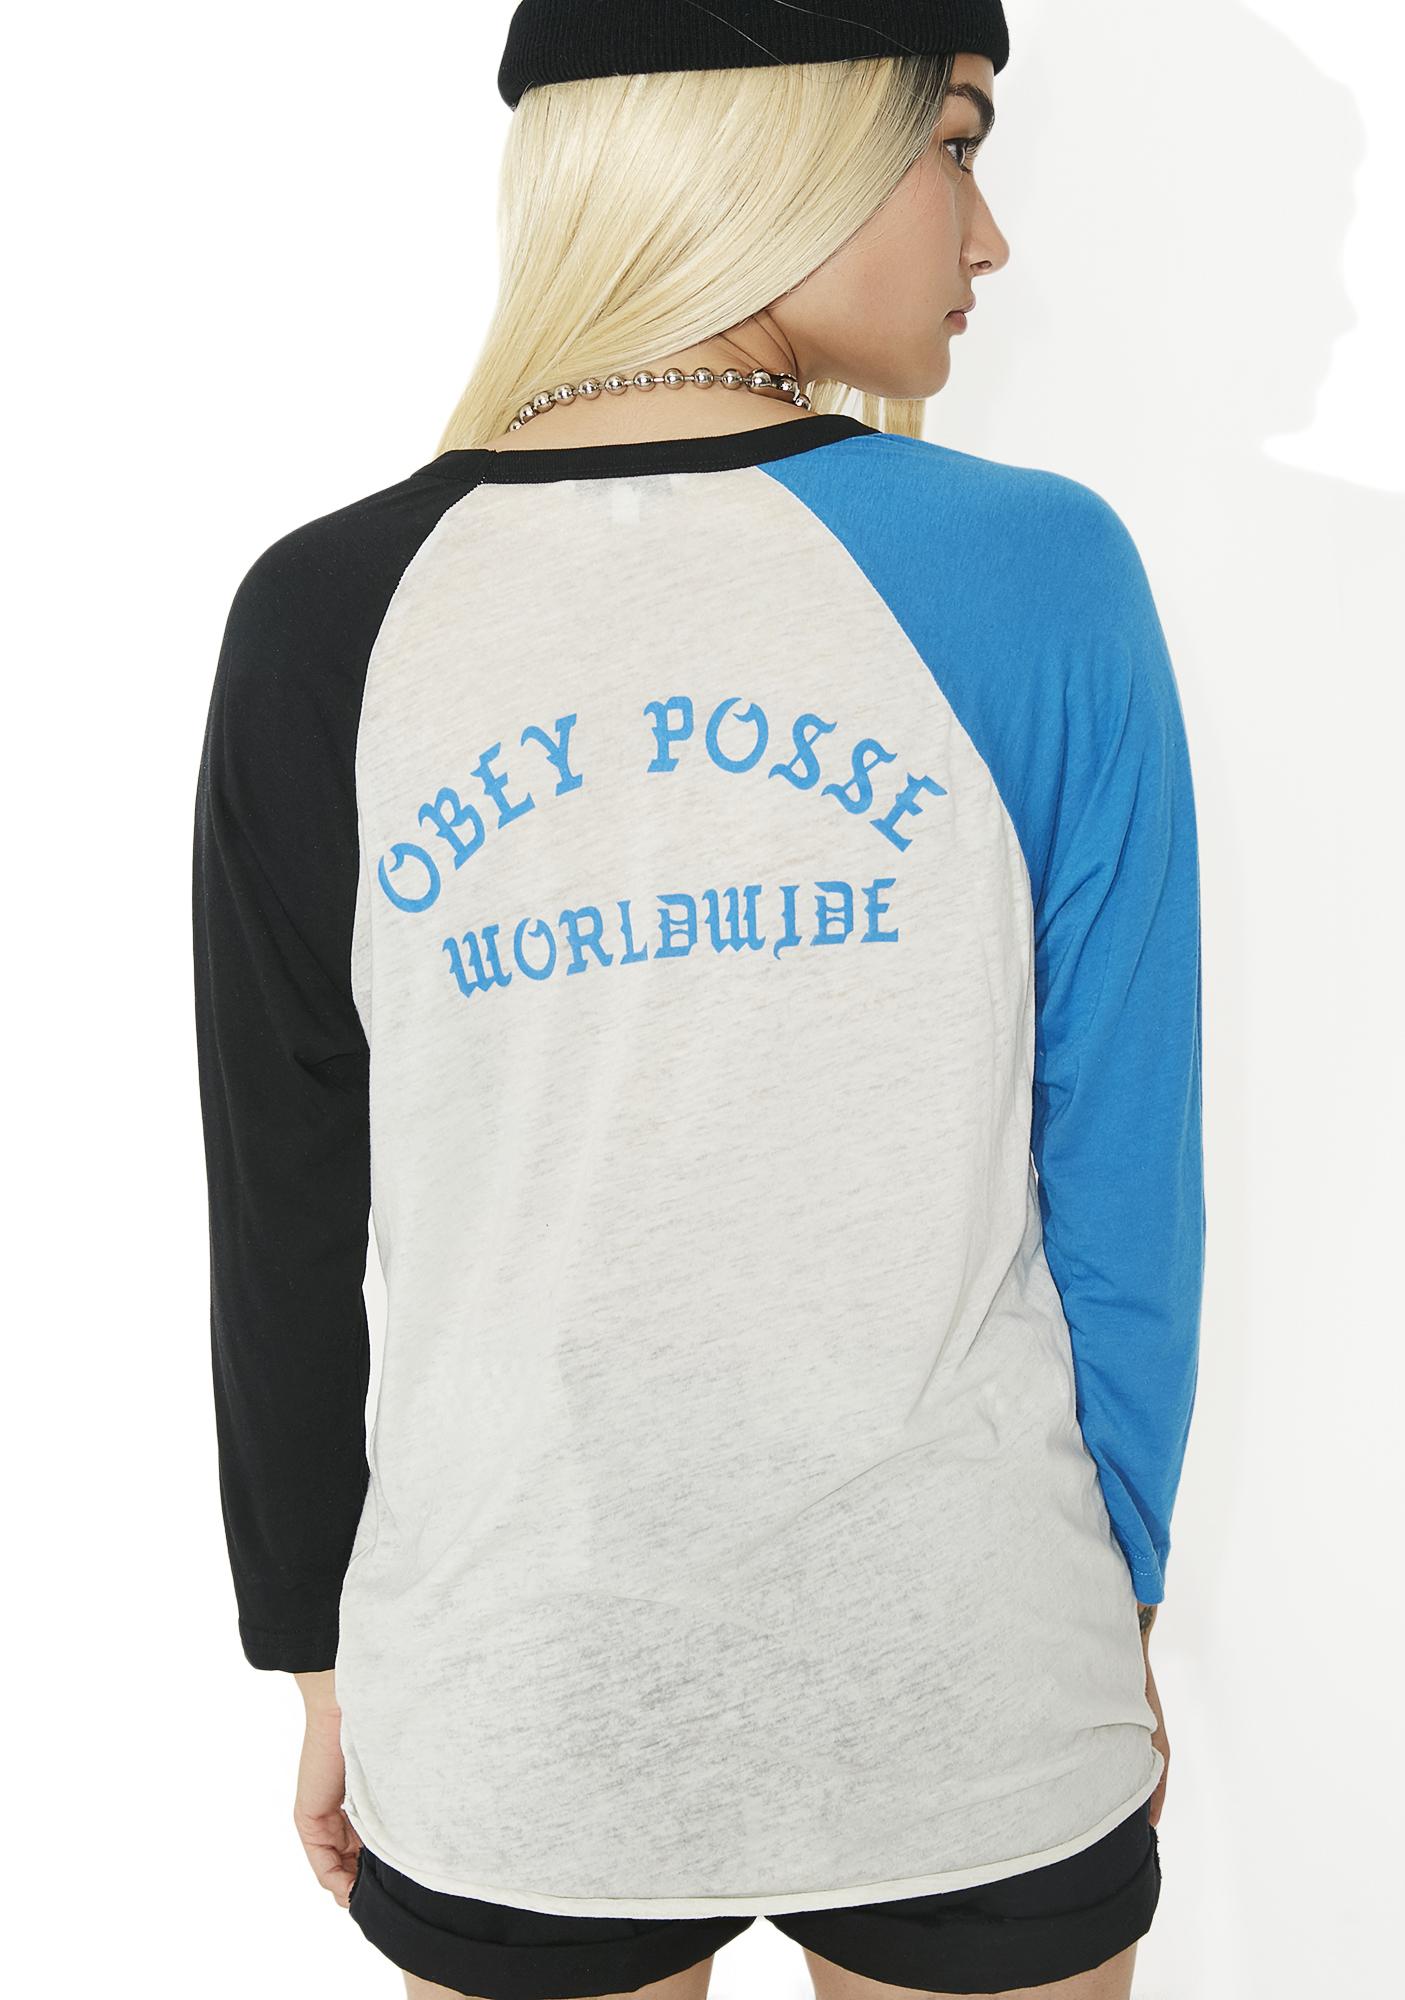 Obey Posse Worldwide Sold Out Raglan Tee